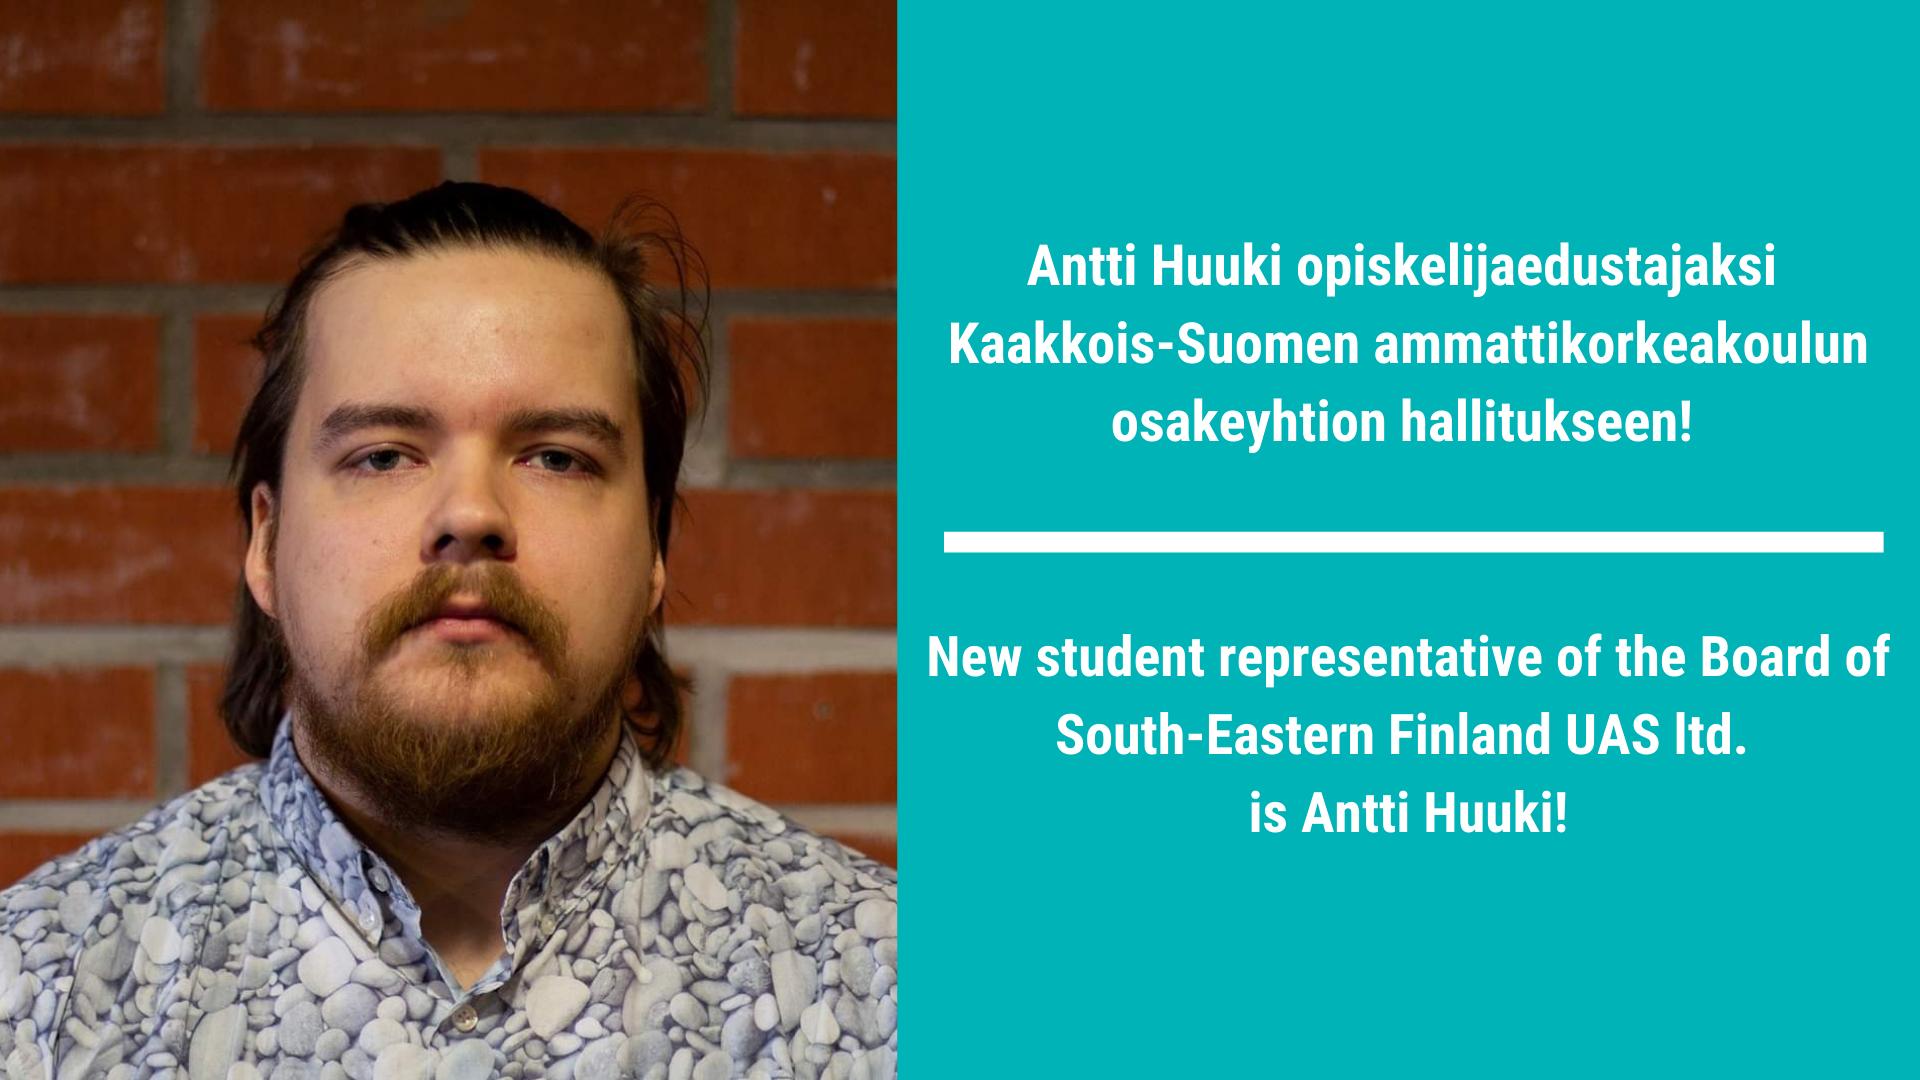 Antti Huuki